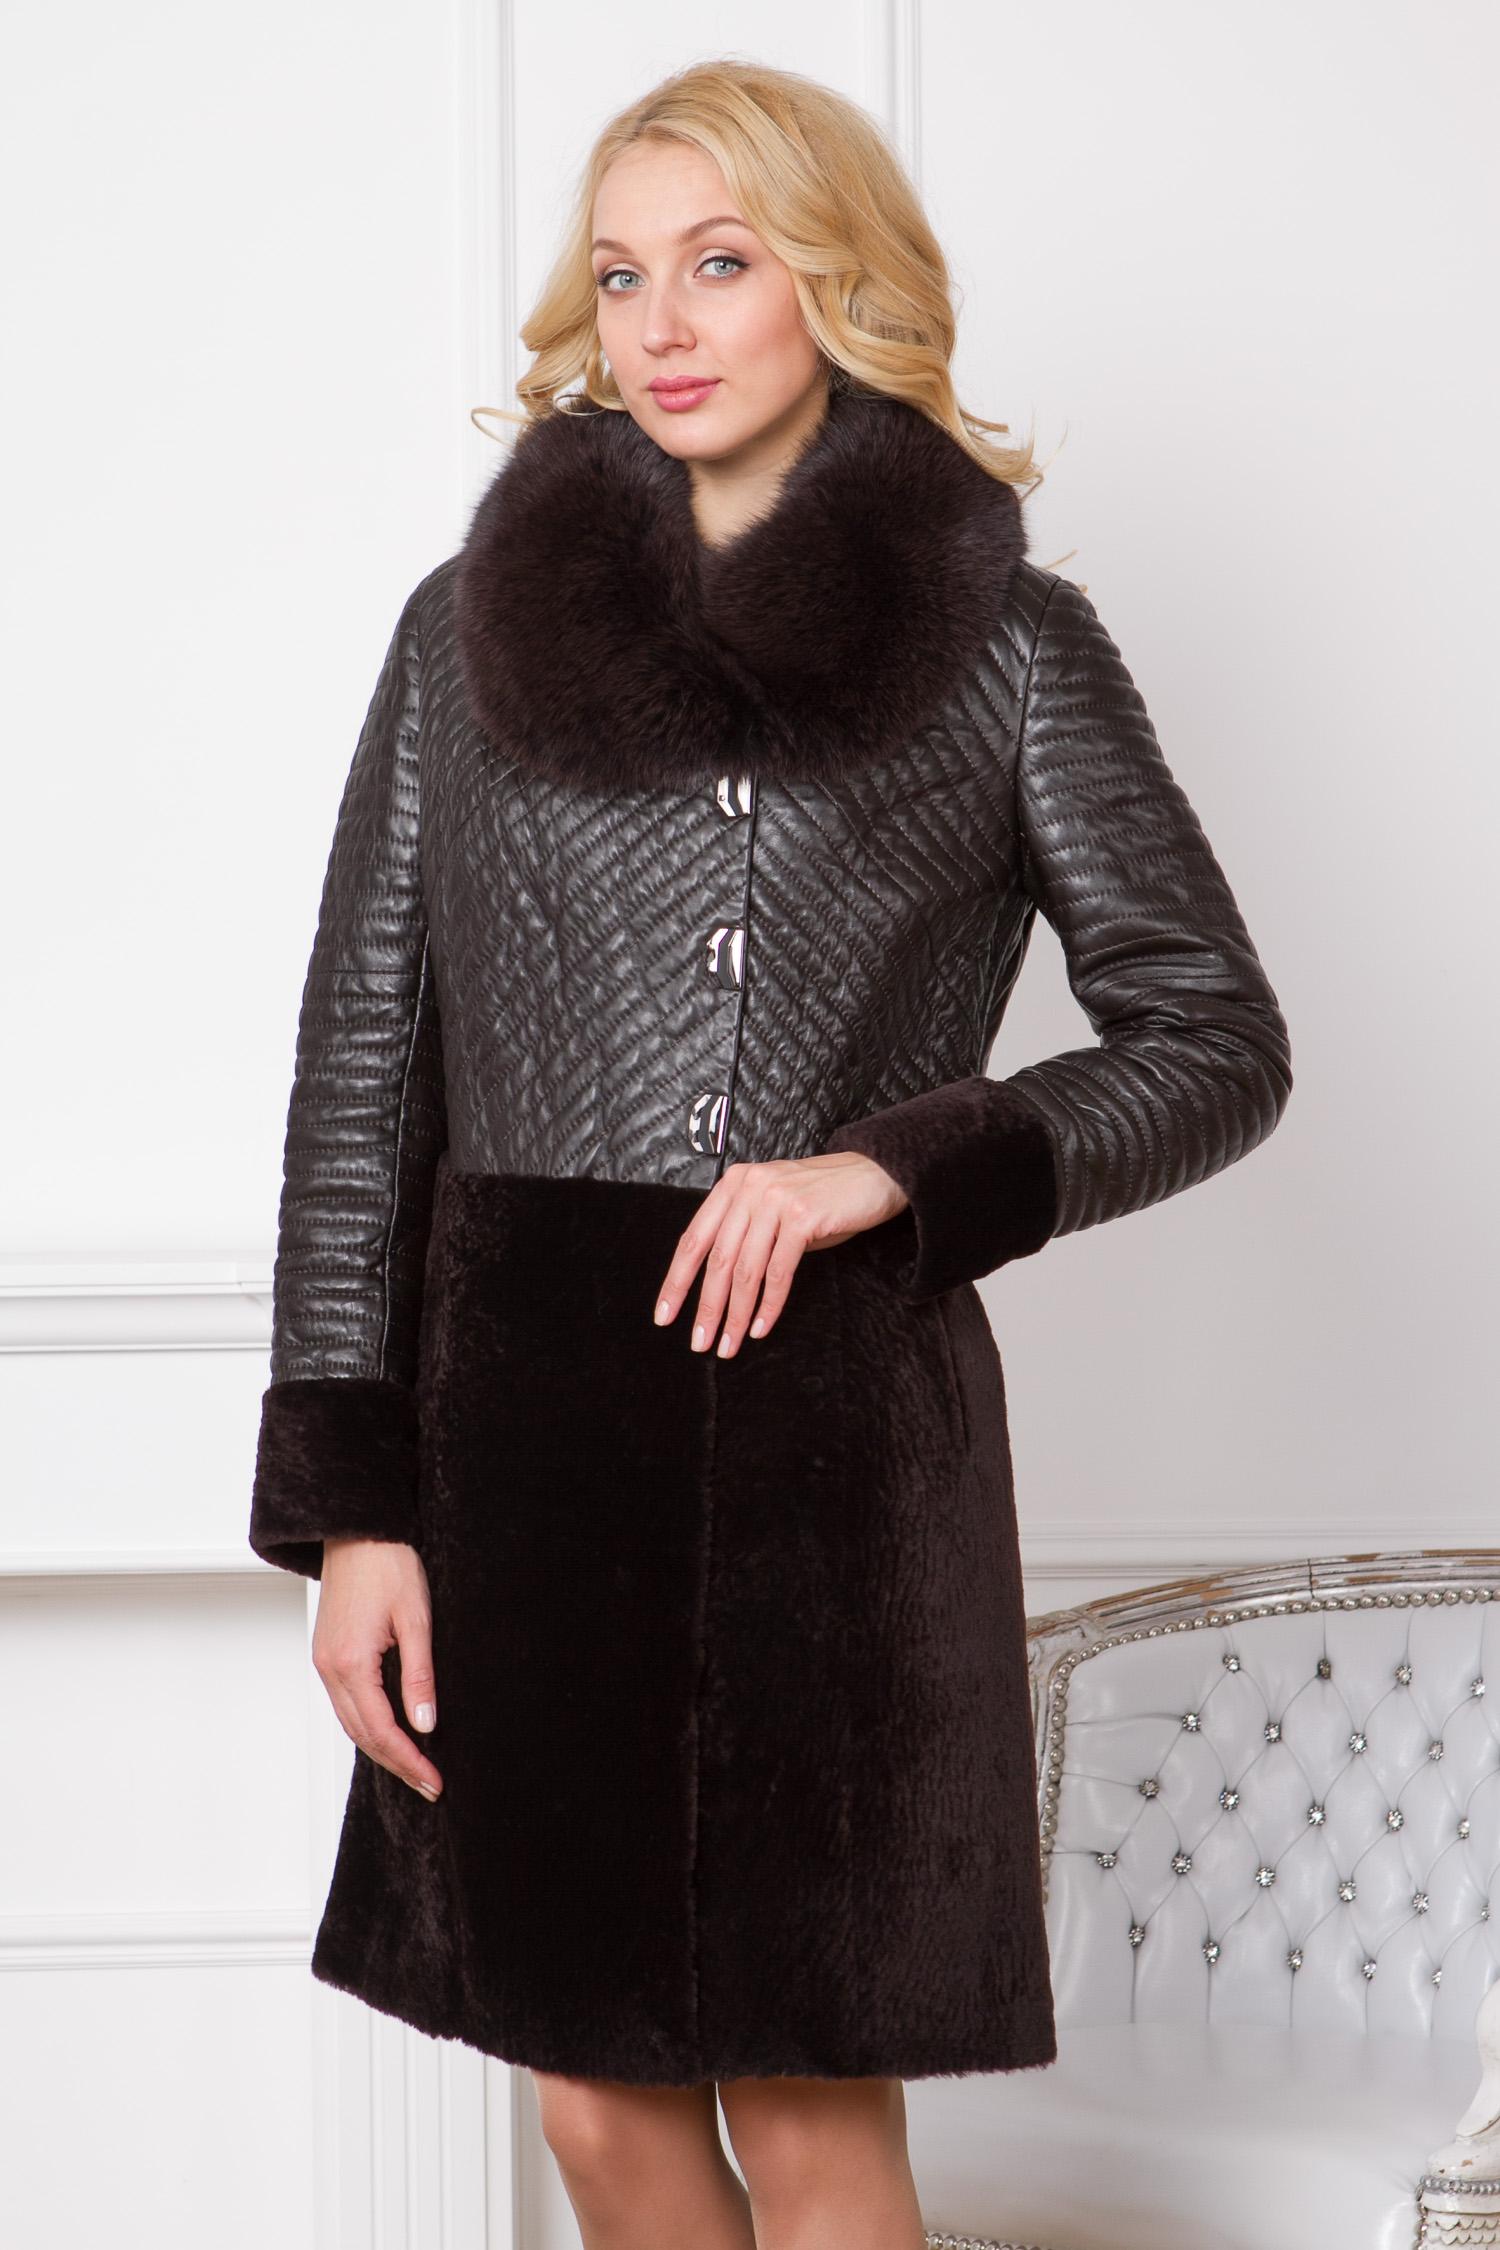 Женское кожаное пальто из натуральной кожи с воротником, отделка песец Женское кожаное пальто из натуральной кожи с воротником, отделка песец